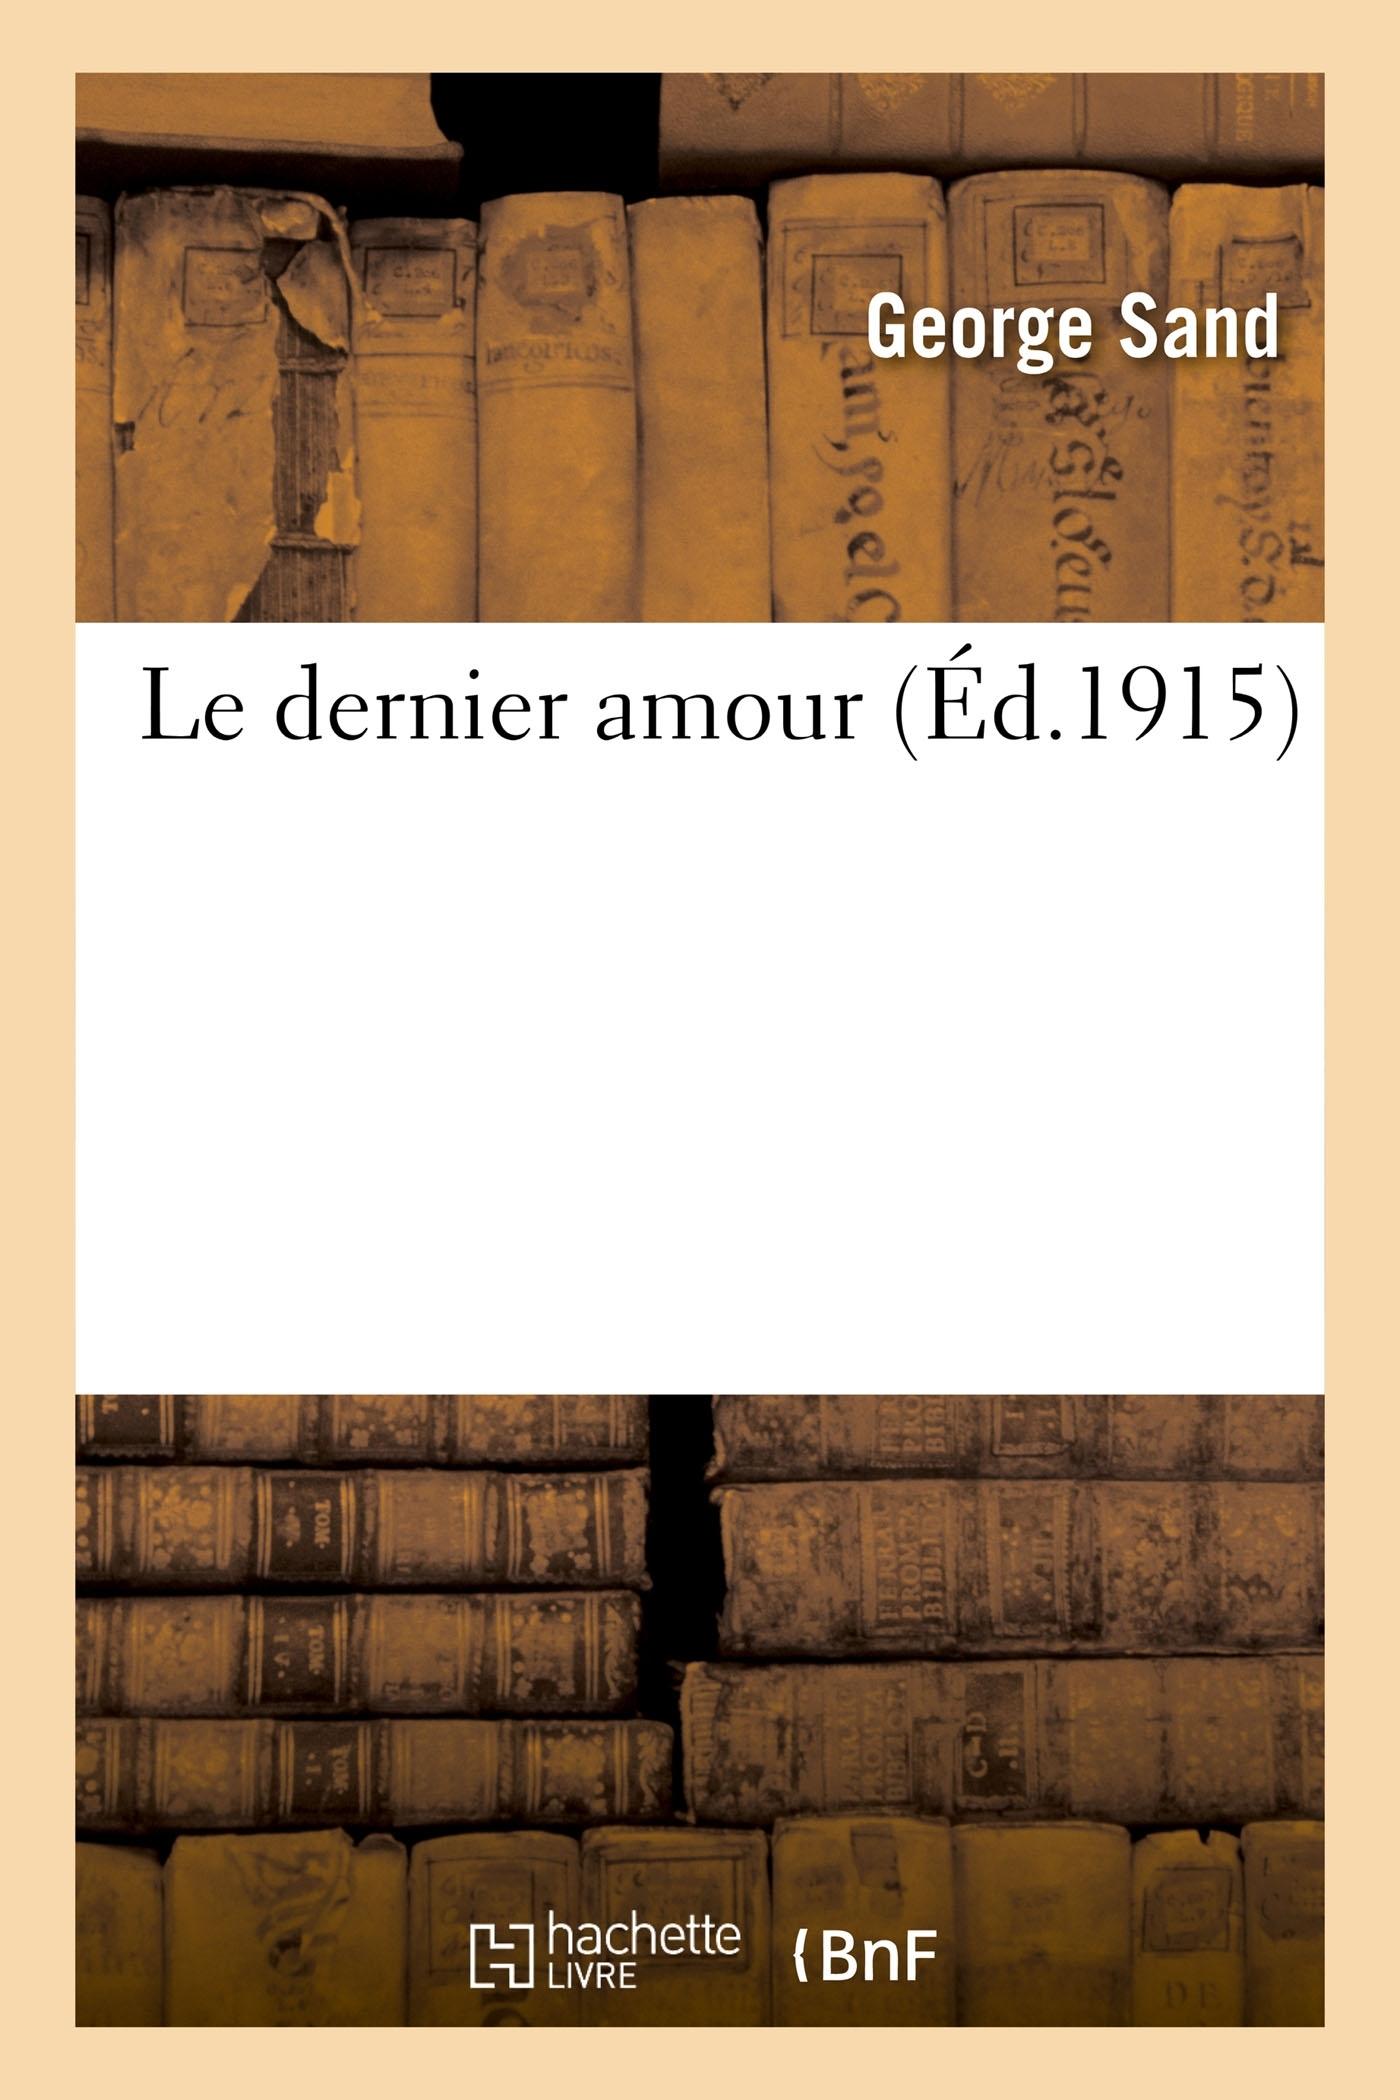 LE DERNIER AMOUR